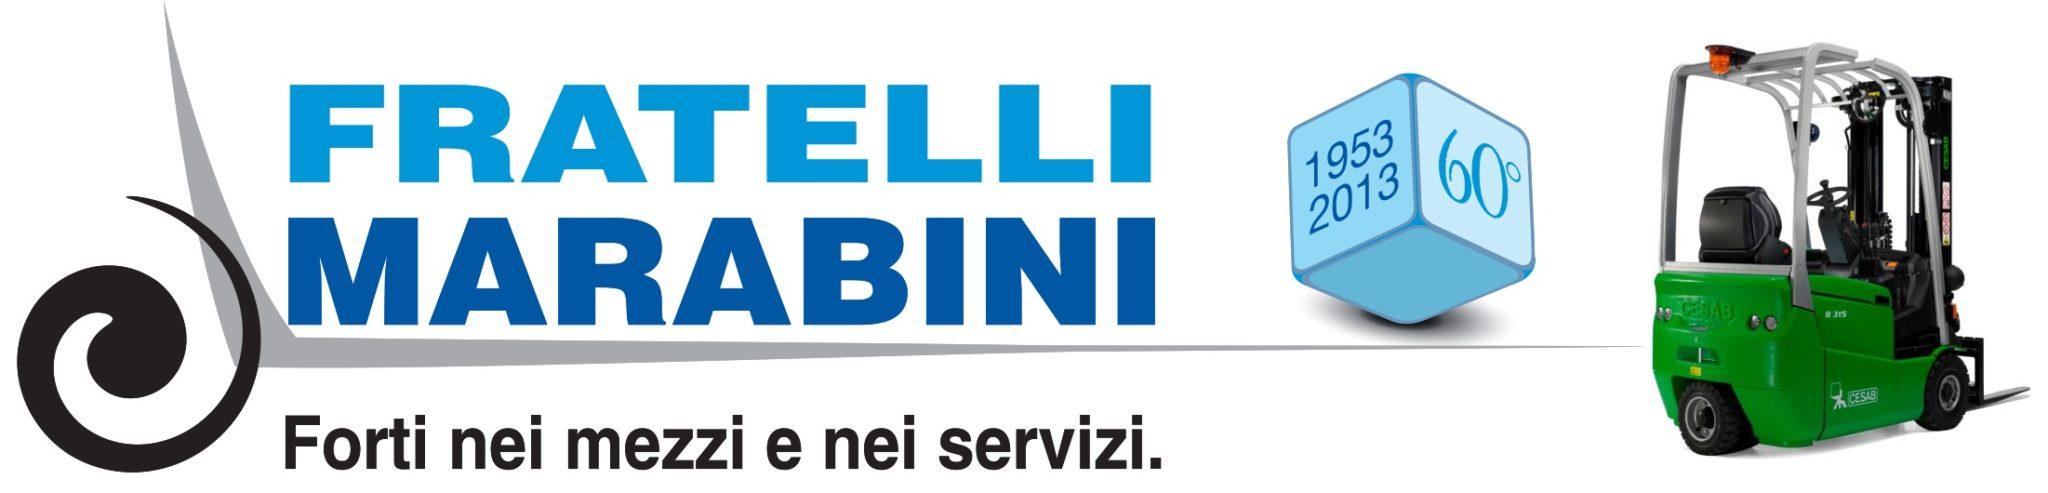 Marabini